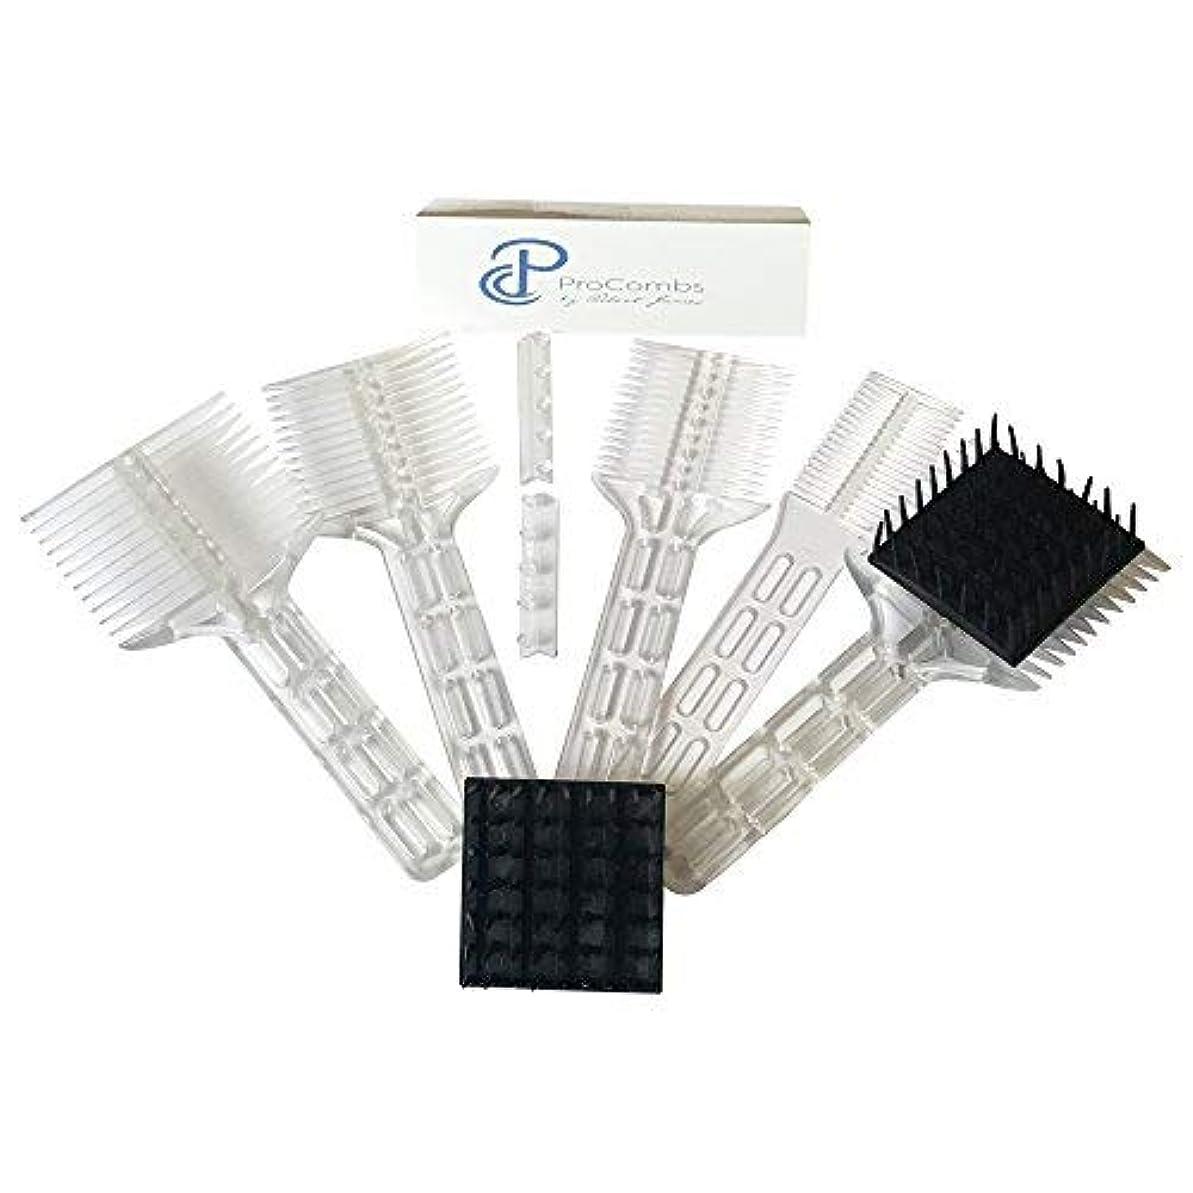 寛大さオプションカプラーScissor/Clipper Over Comb Tool For The Perfect Haircut [並行輸入品]